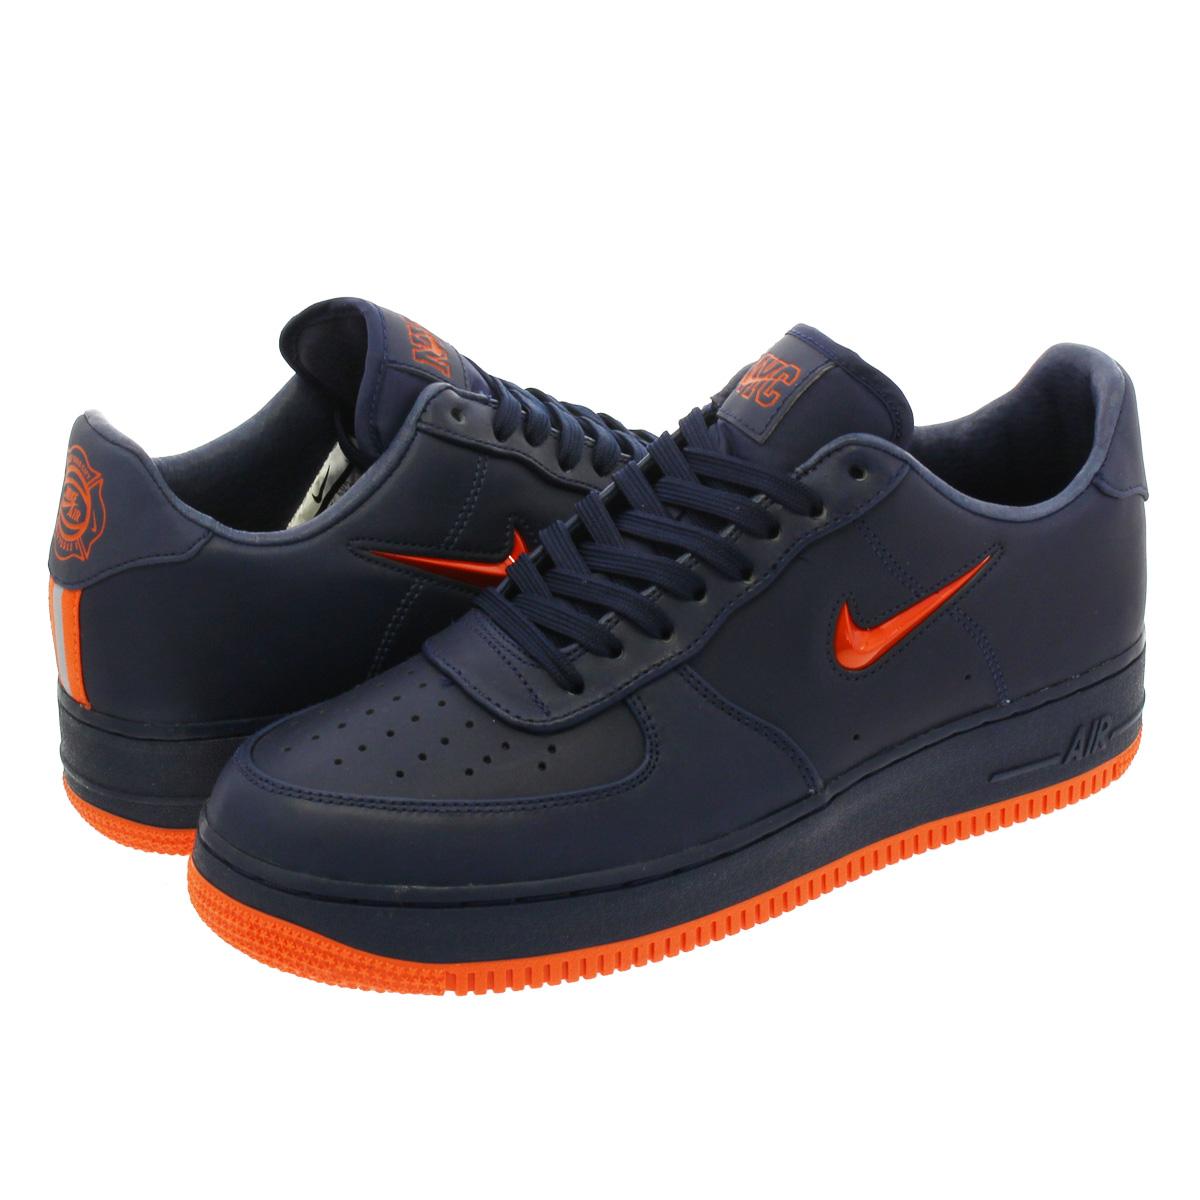 NIKE AIR FORCE 1 LOW RETRO PREMIUM QS Nike air force 1 Lorre fatty tuna  premium QS OBSIDIAN ORANGE cc3b05891c5e